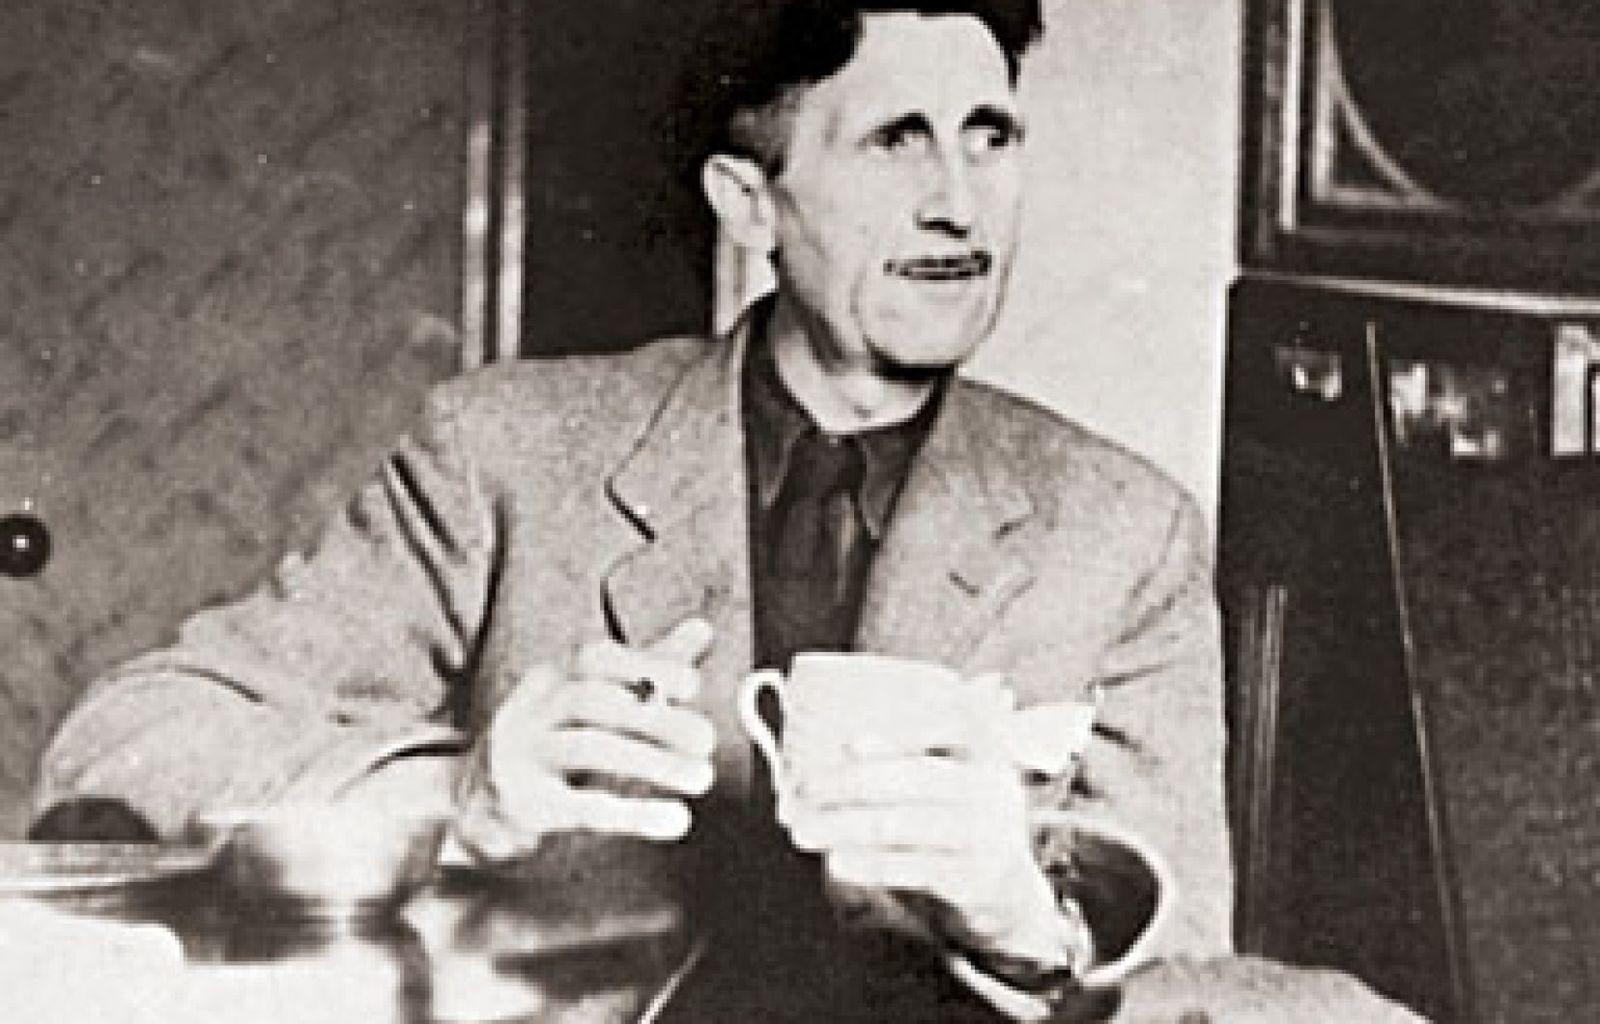 Le bon sens et la lucidité de George Orwell sont proverbiaux !